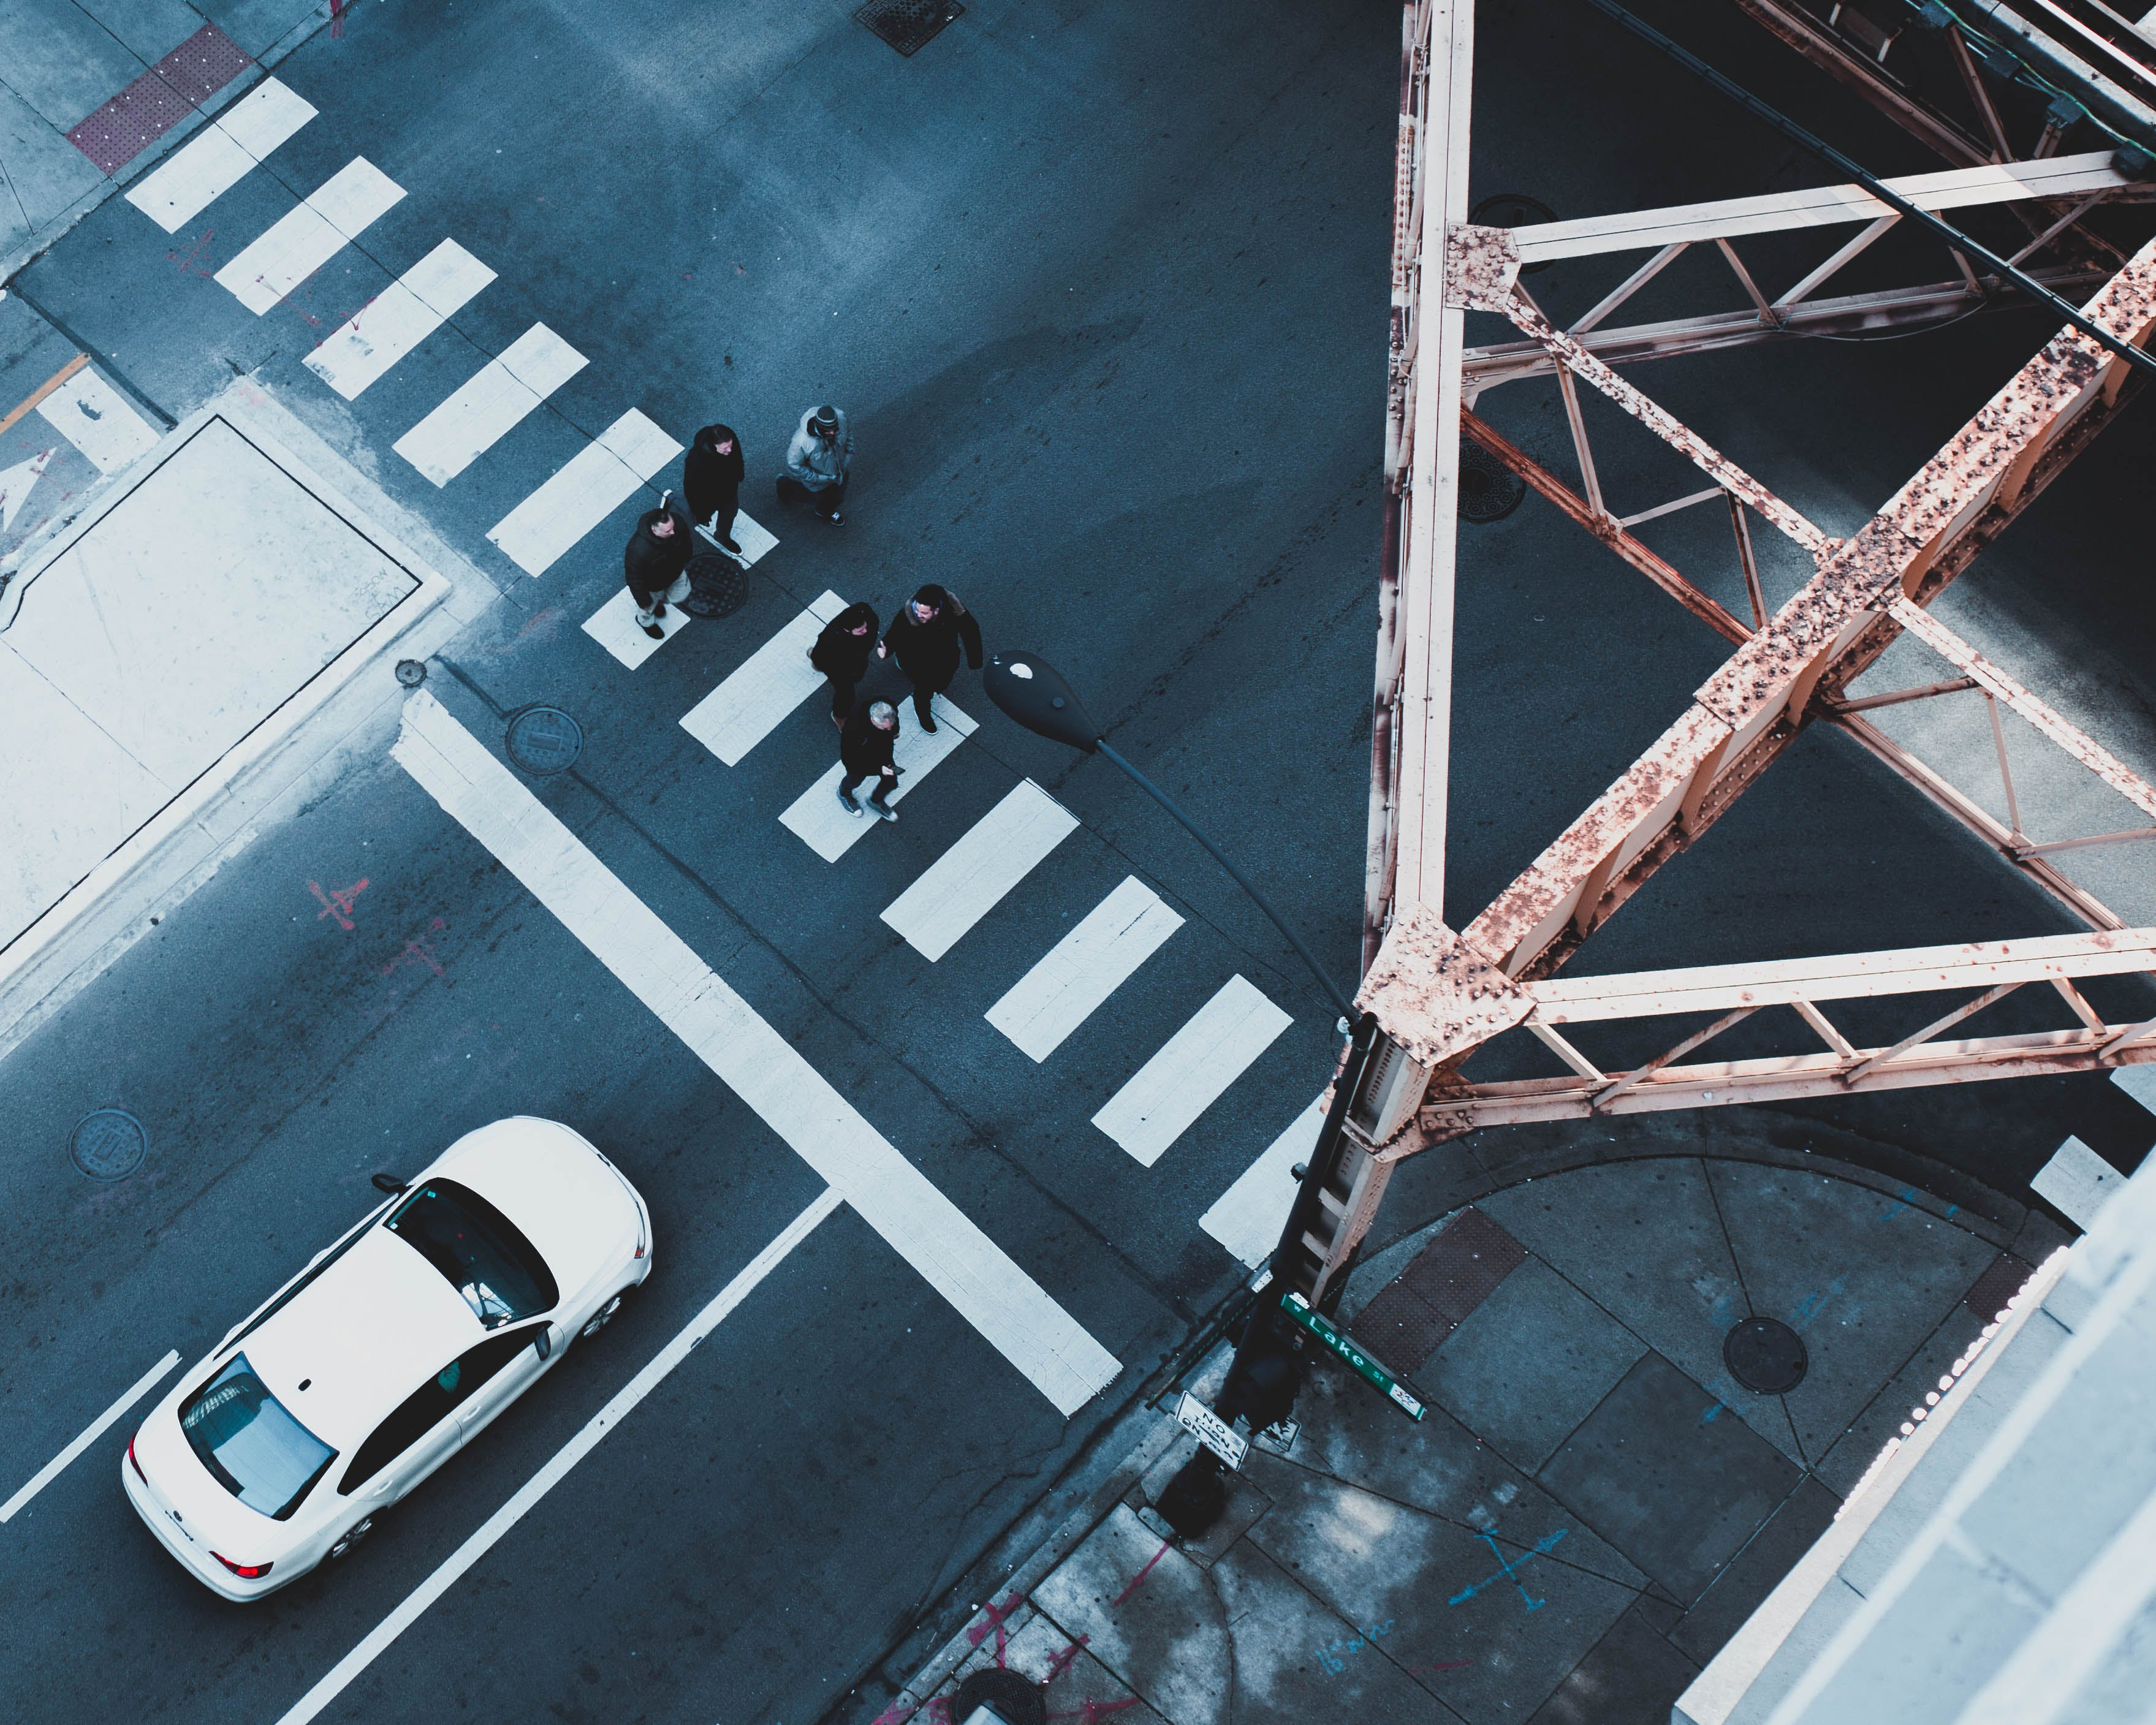 Foto d'estoc gratuïta de caminant, carretera, carril per a vianants, cotxe